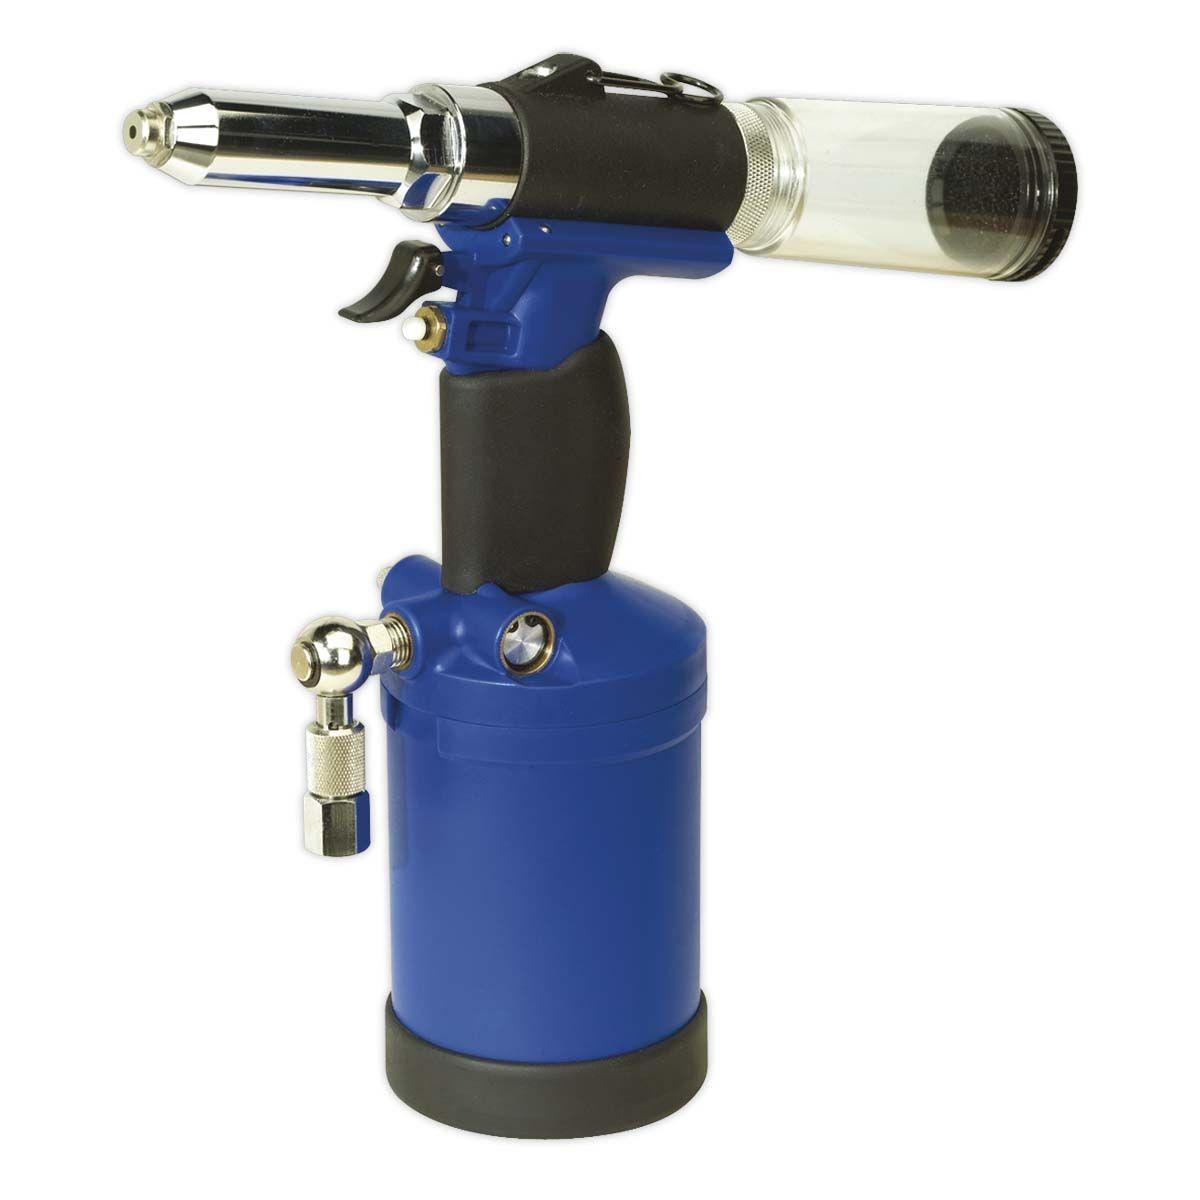 Sealey Air/Hydraulic Riveter Heavy-Duty Vacuum System